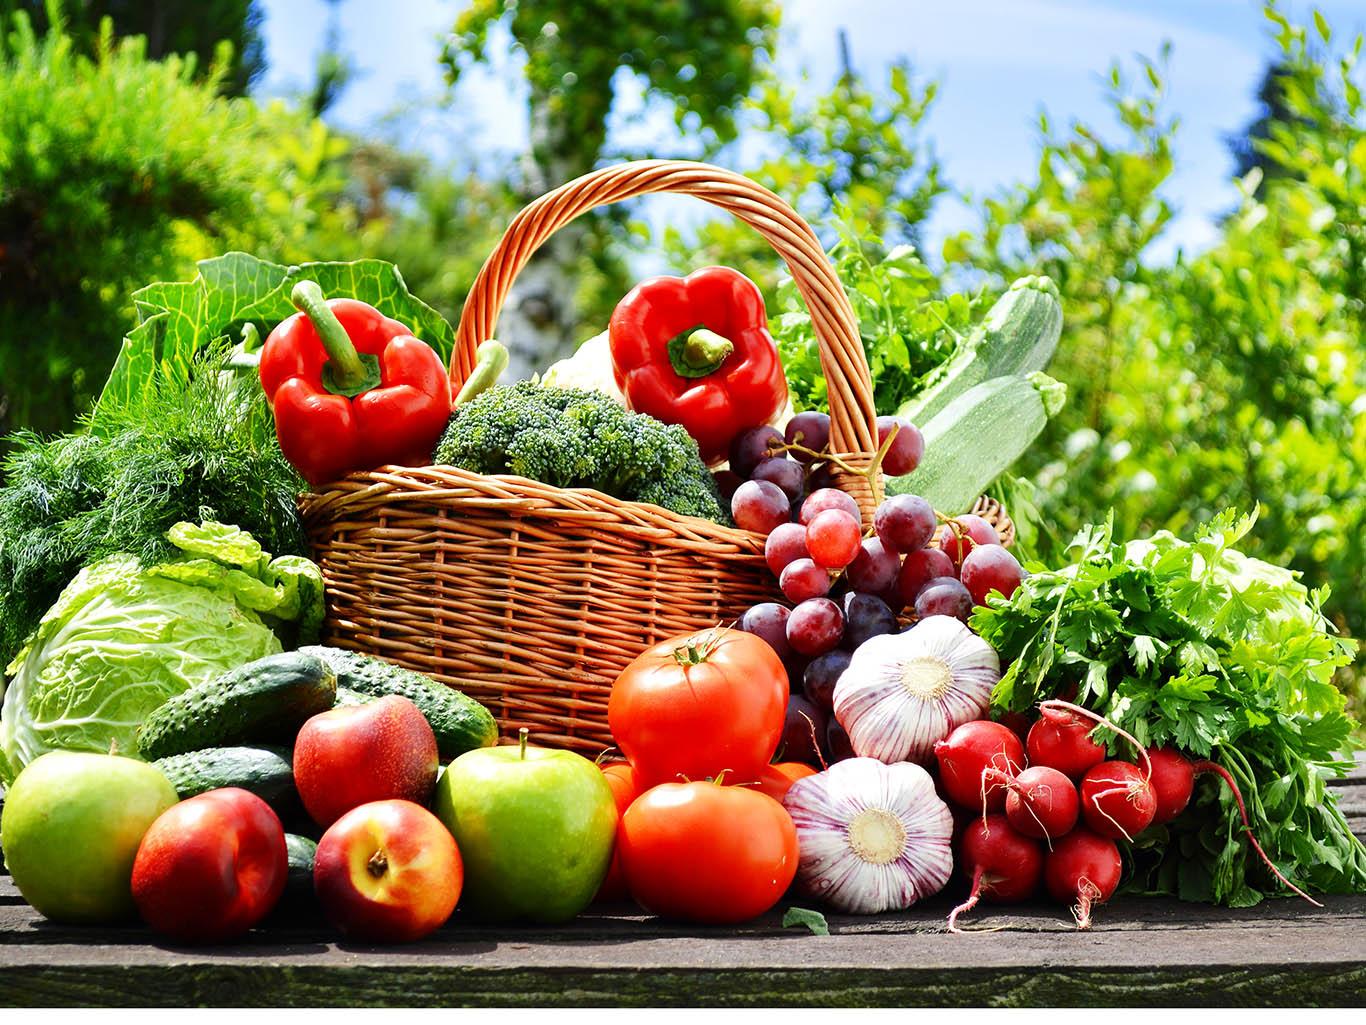 Овощи и фрукты - лучшая еда!